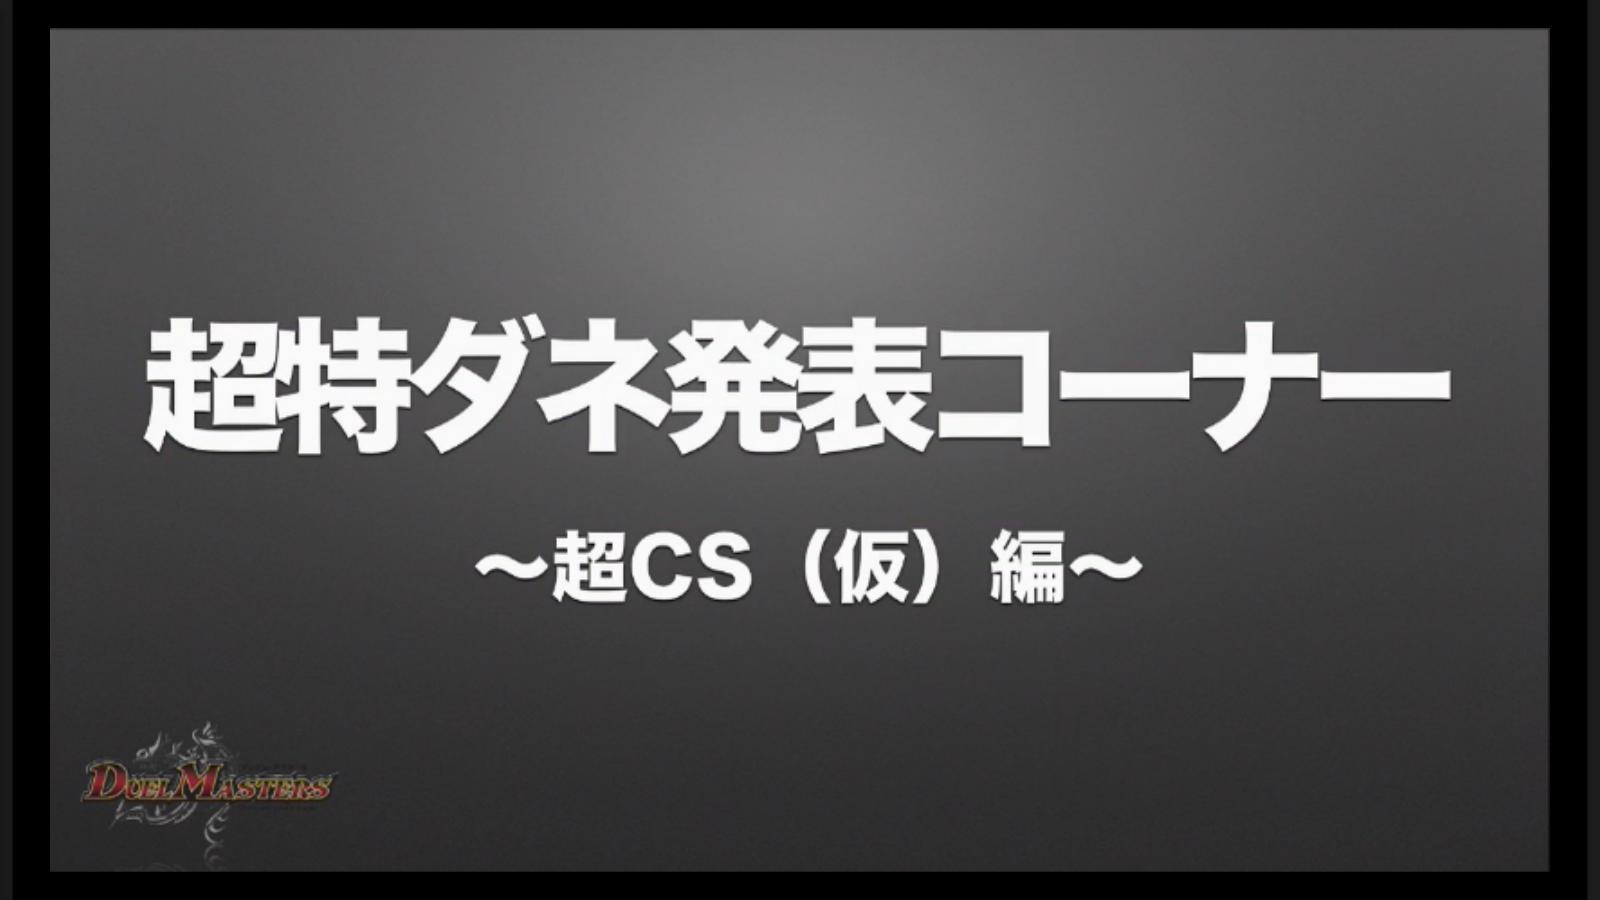 dm-kakumei-finalcup-news-170226-092.jpg